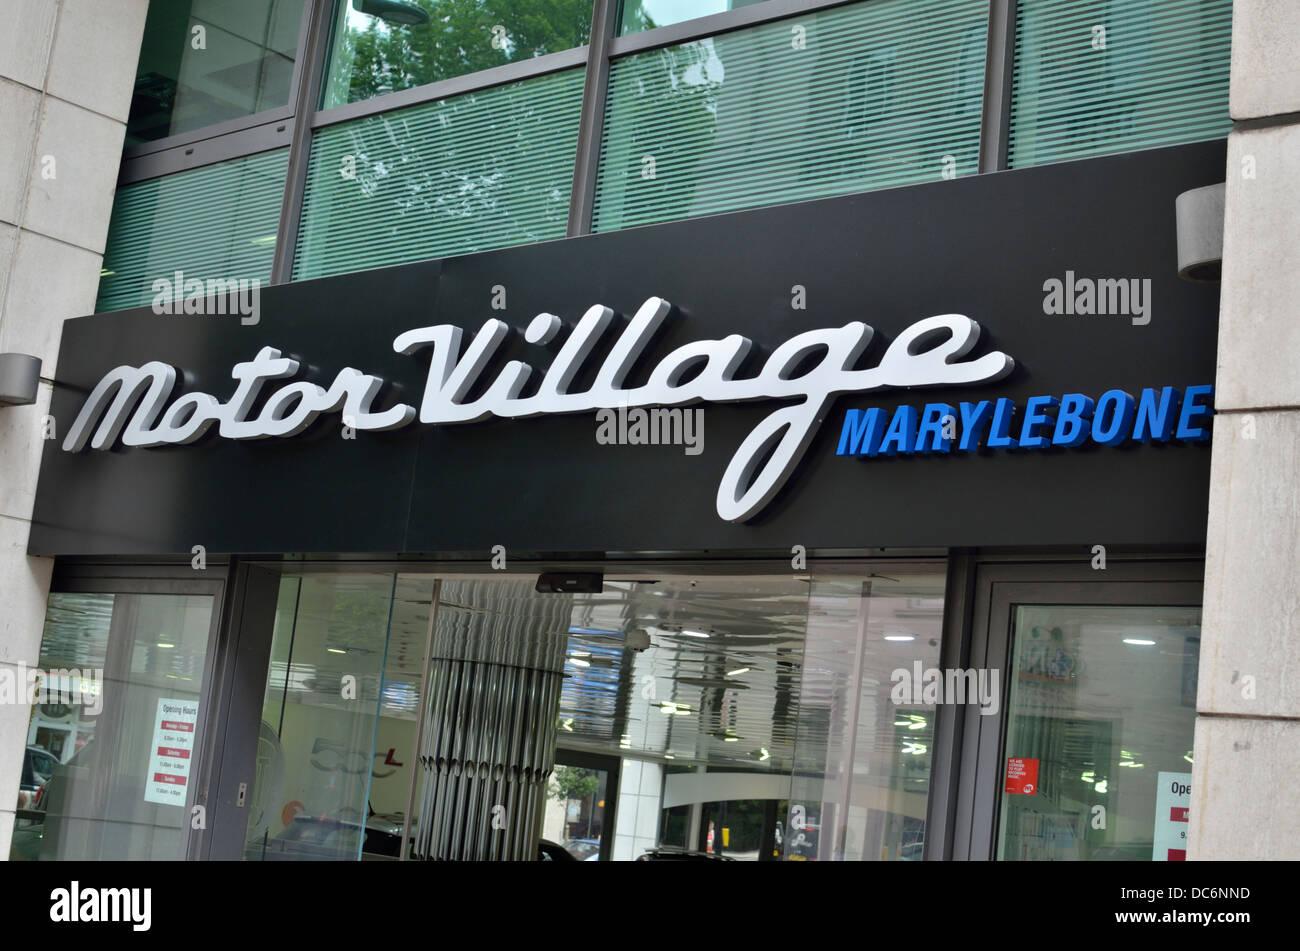 Motor Village Car Dealer Shop In Marylebone London Uk Stock